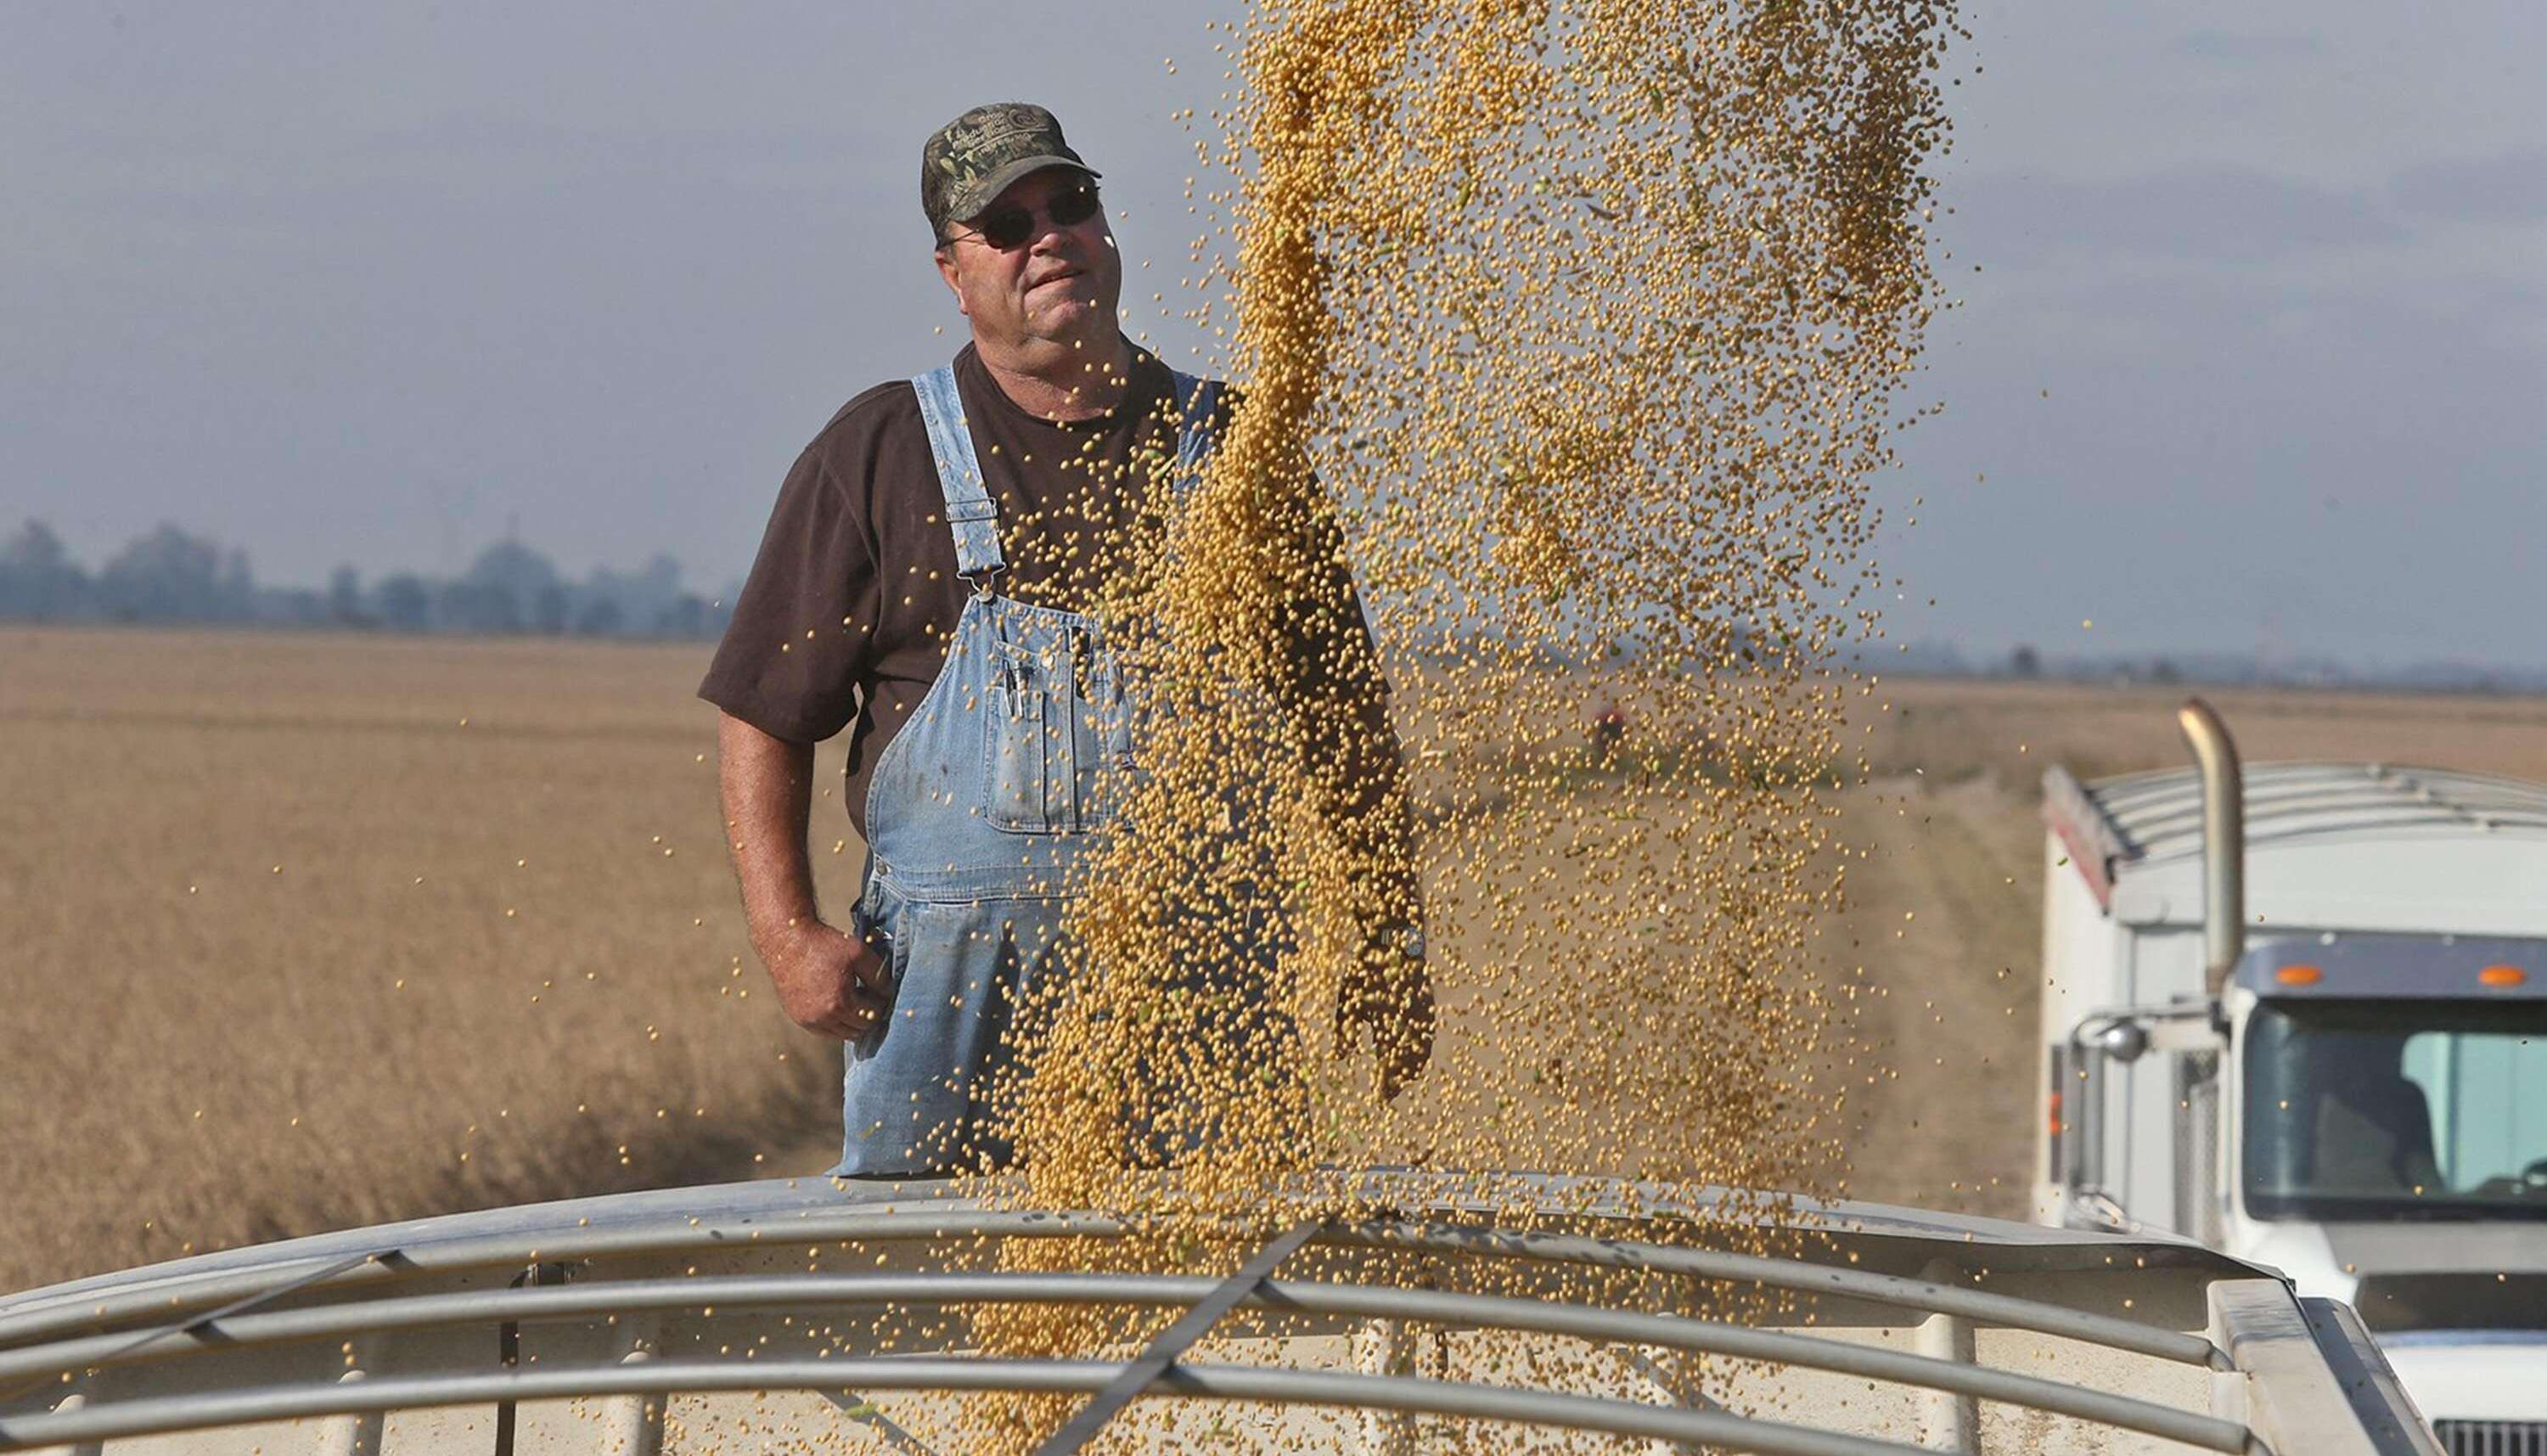 中国大豆已无力回天?美国开始加购巴西大豆,巴定差减压阀图片